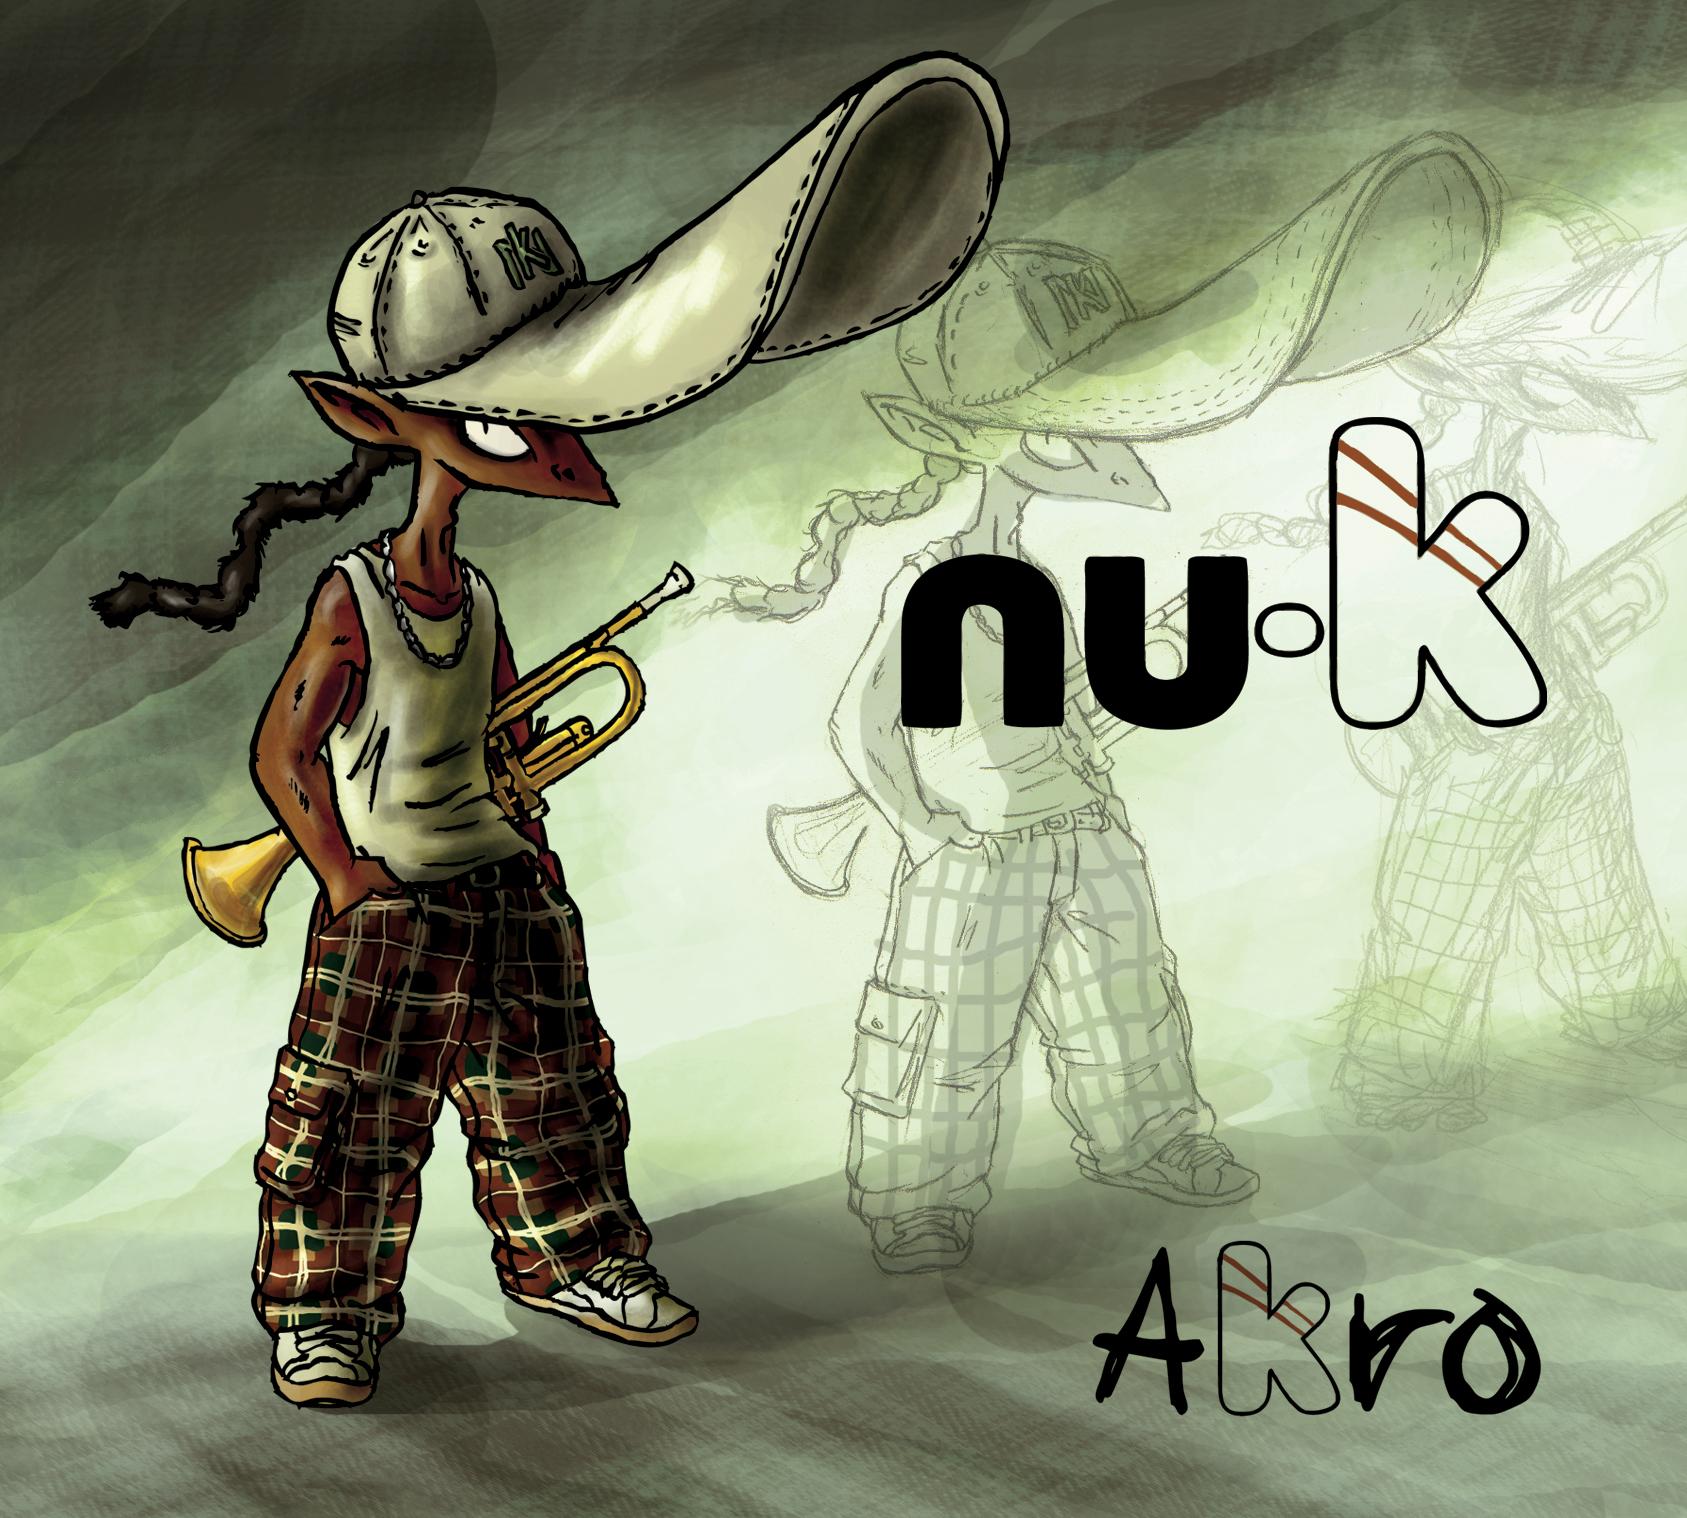 Nu K. Akro